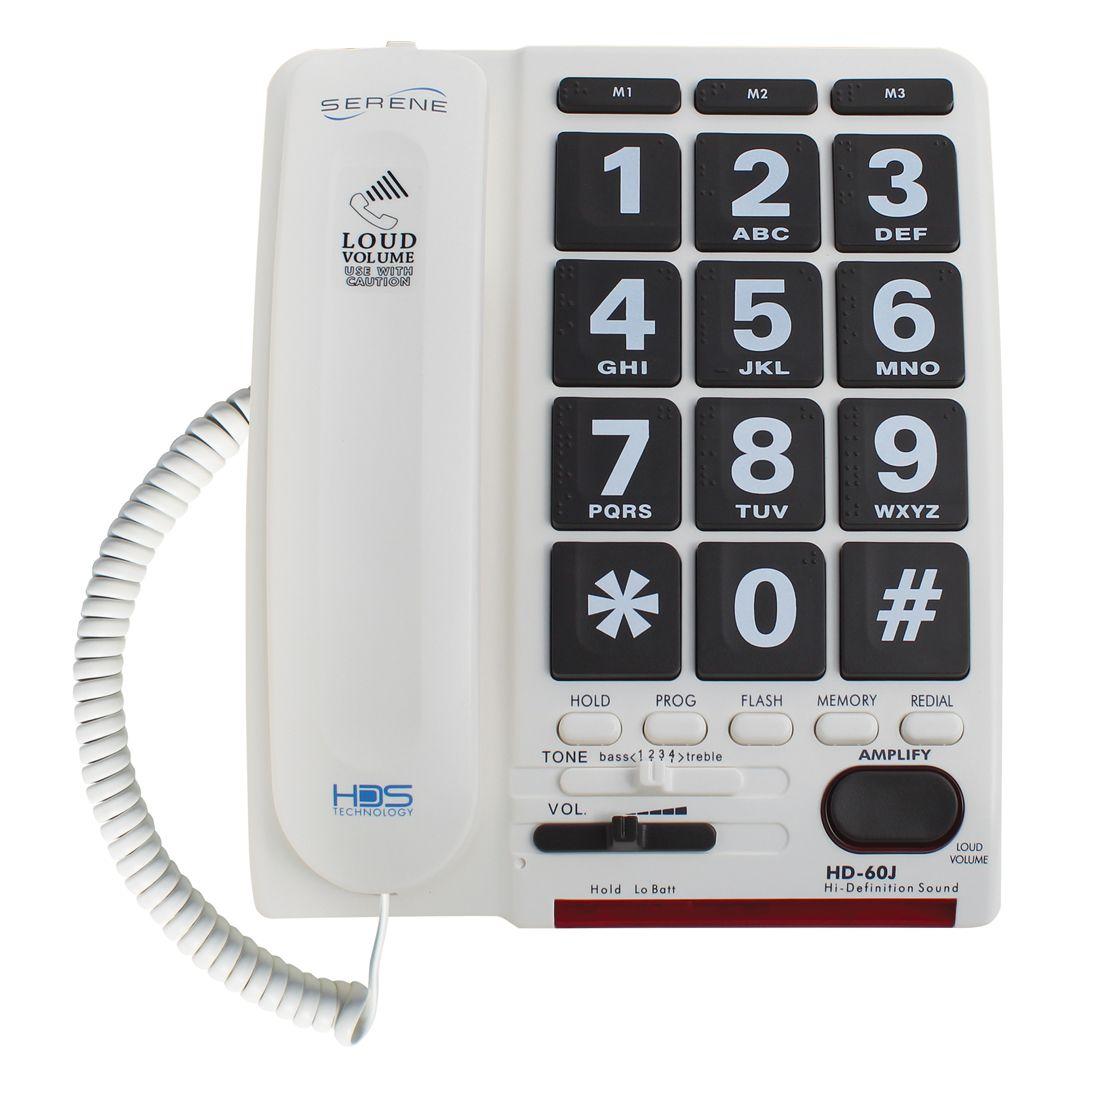 Serene HD-60J Phone